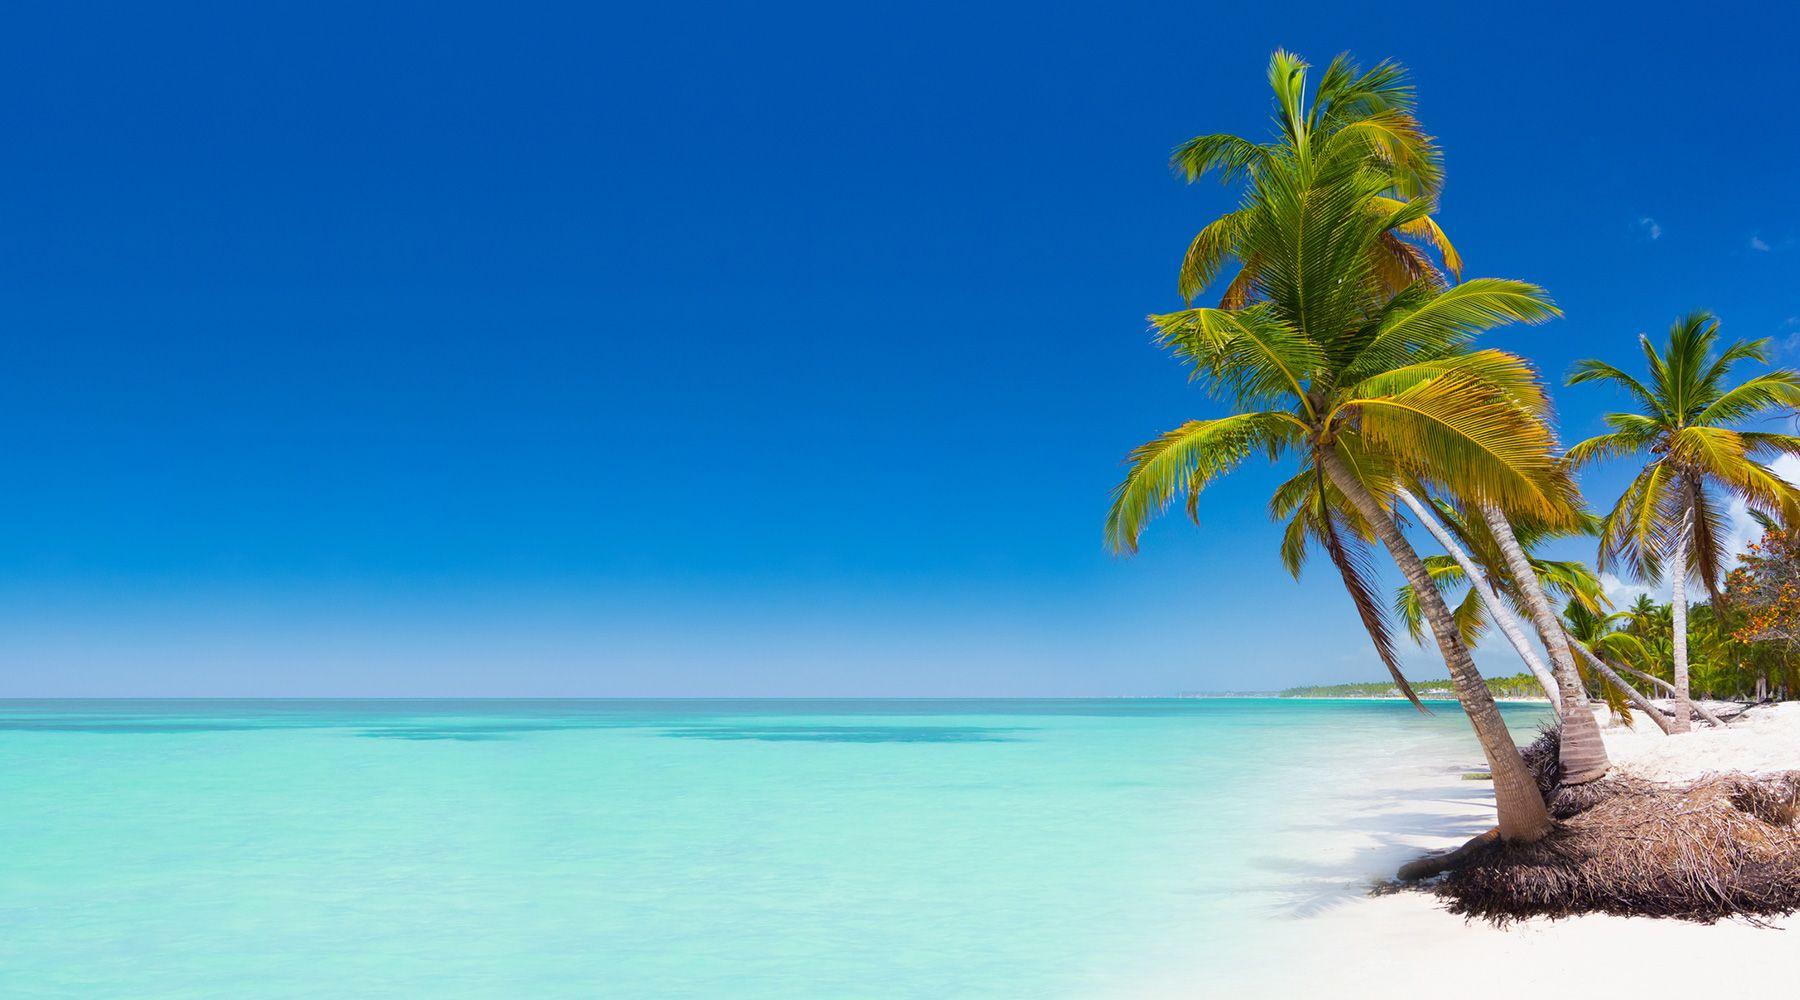 Vuelos baratos a Punta Cana desde Buenos Aires por ARS 19.605 finales